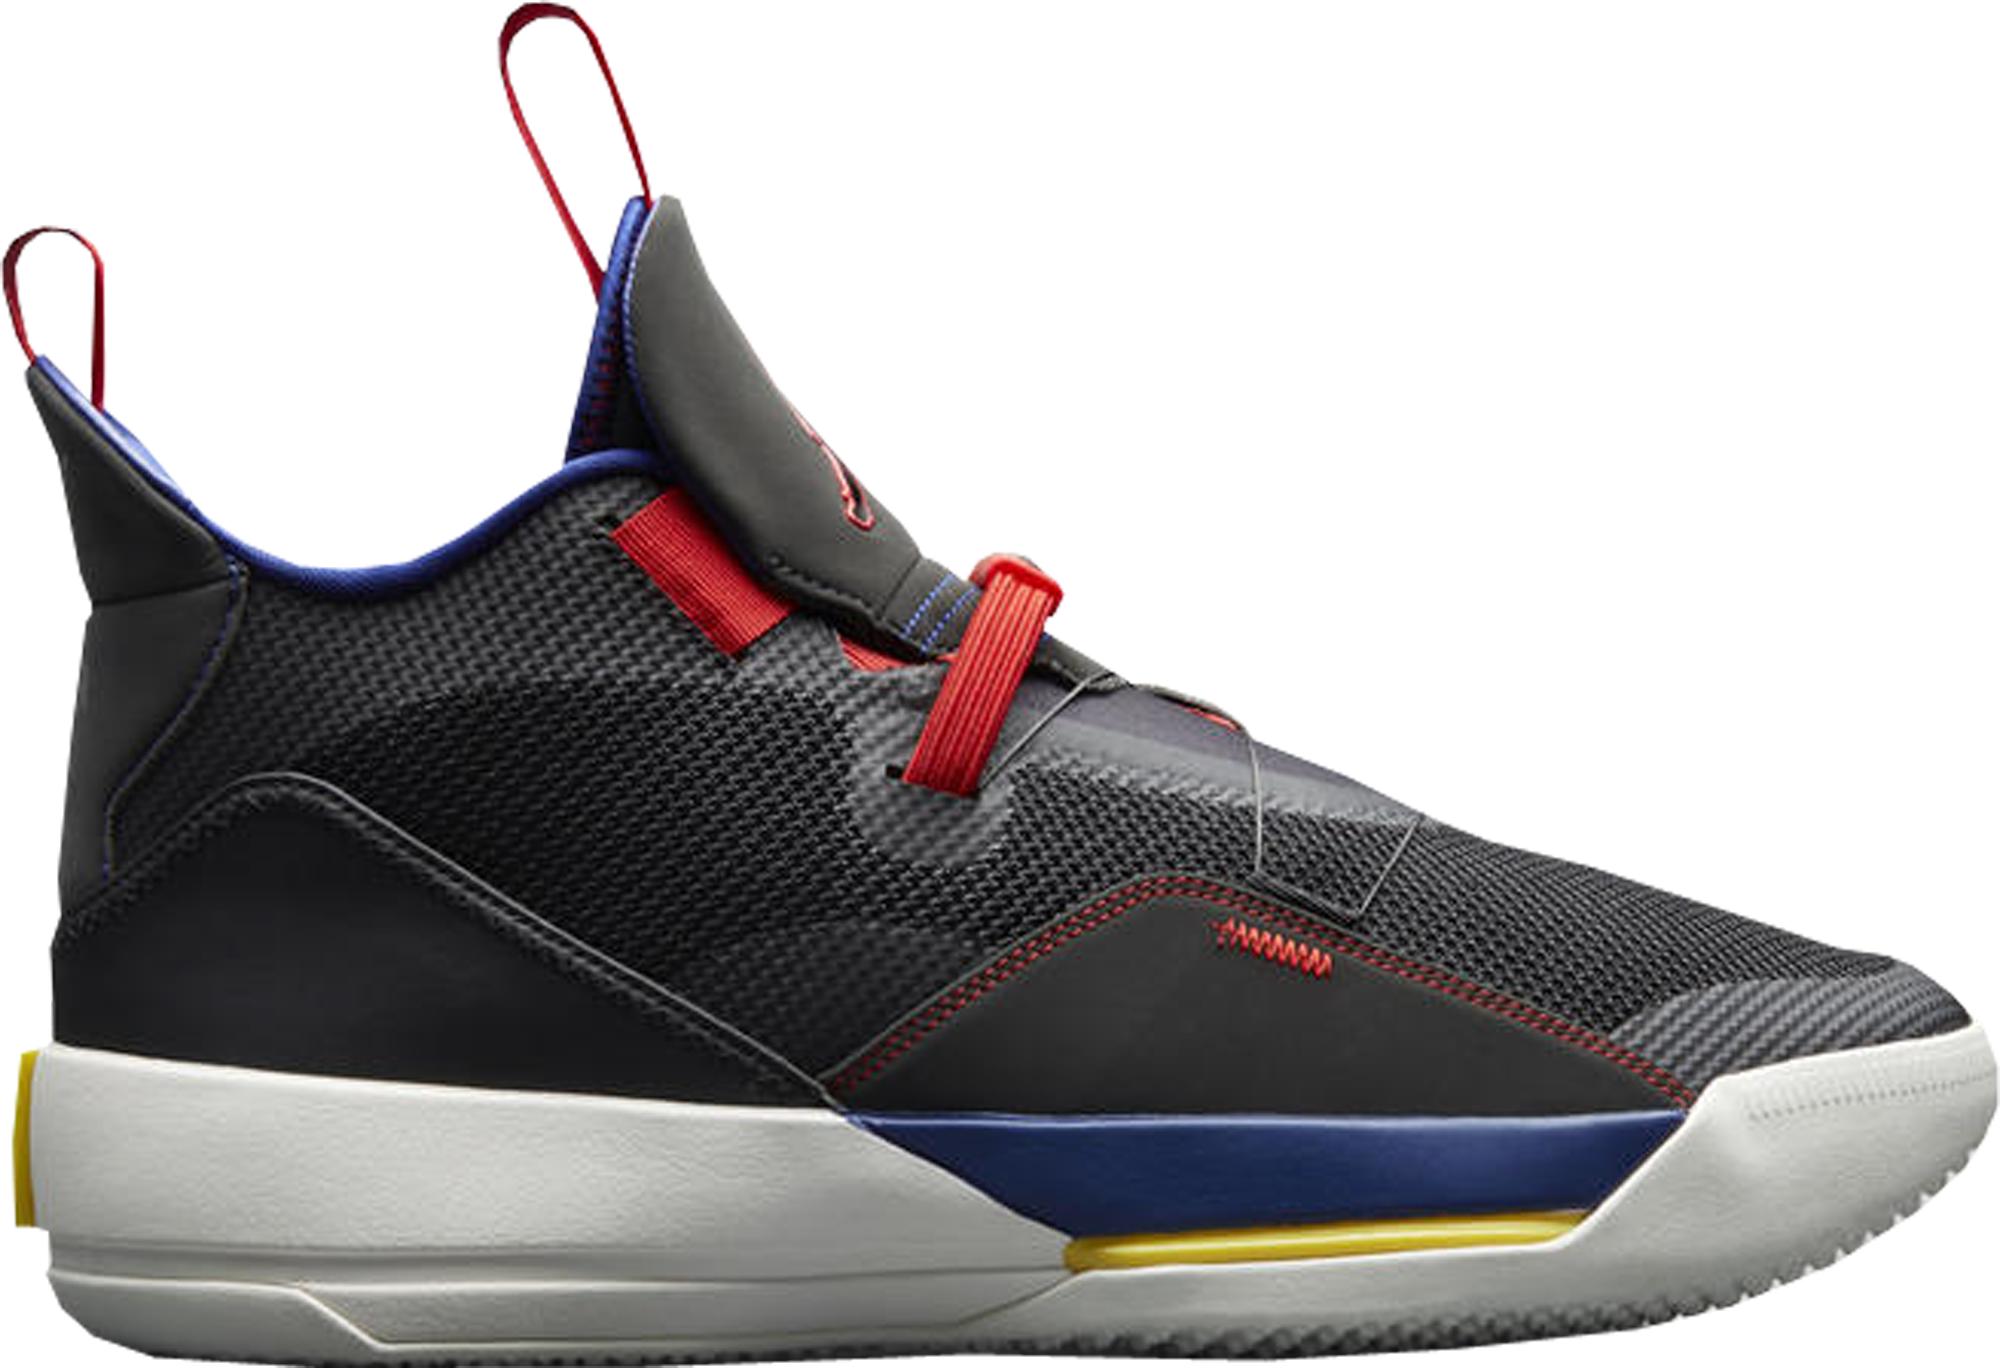 Jordan XXXIII Tech Pack (US Release)